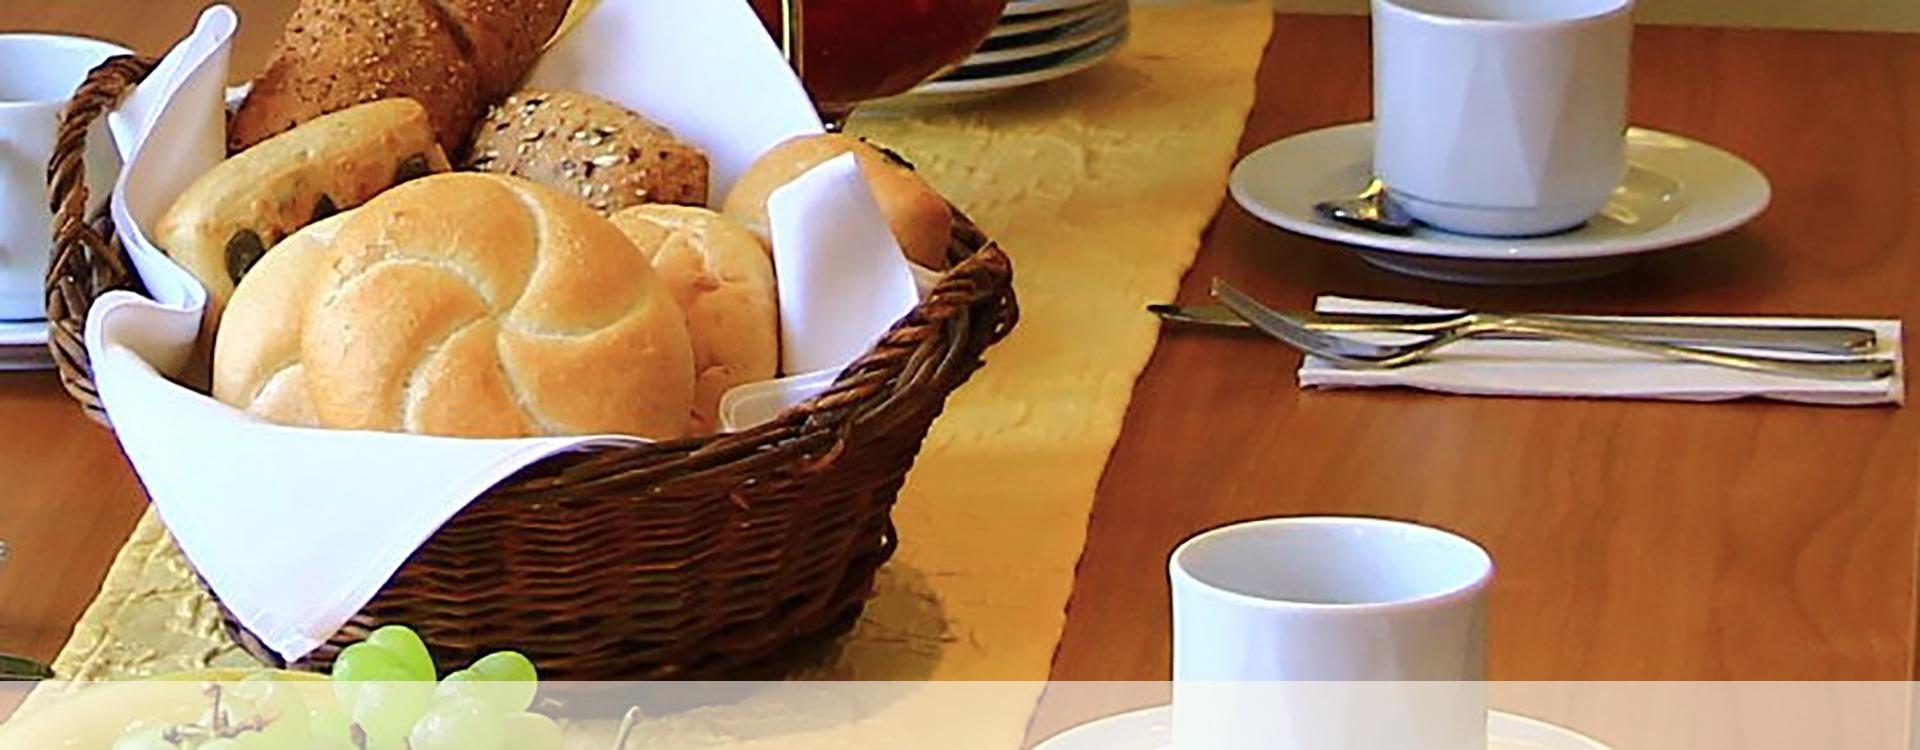 Frühstück im Hotel in Eichenau